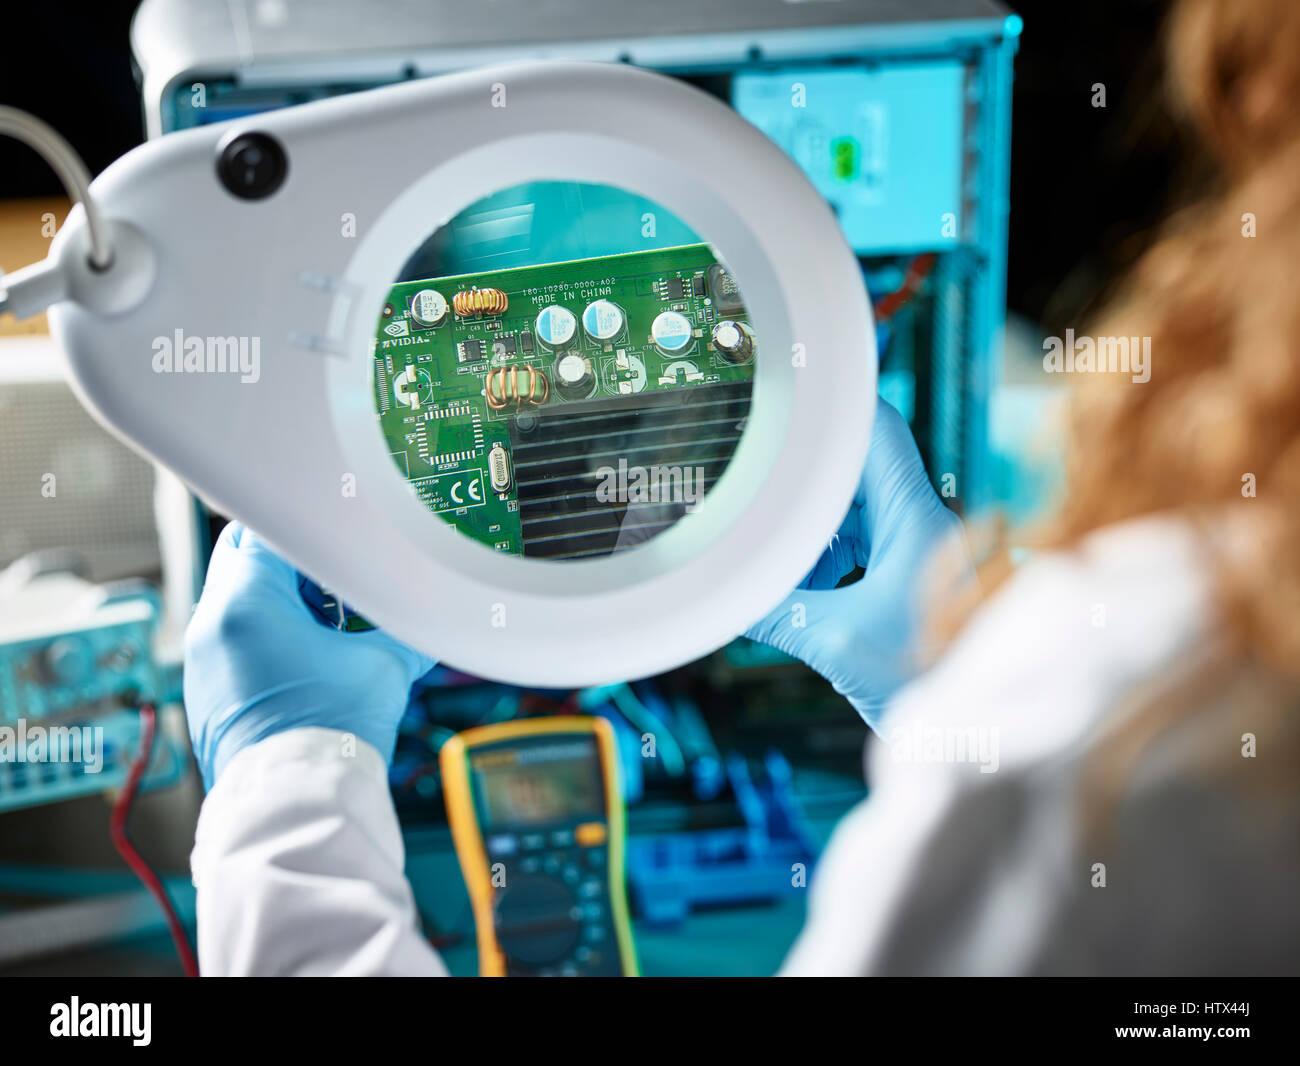 Ingeniero con bata blanca de laboratorio examina la tarjeta gráfica, mirando con lupa a bordo, Austria Foto de stock